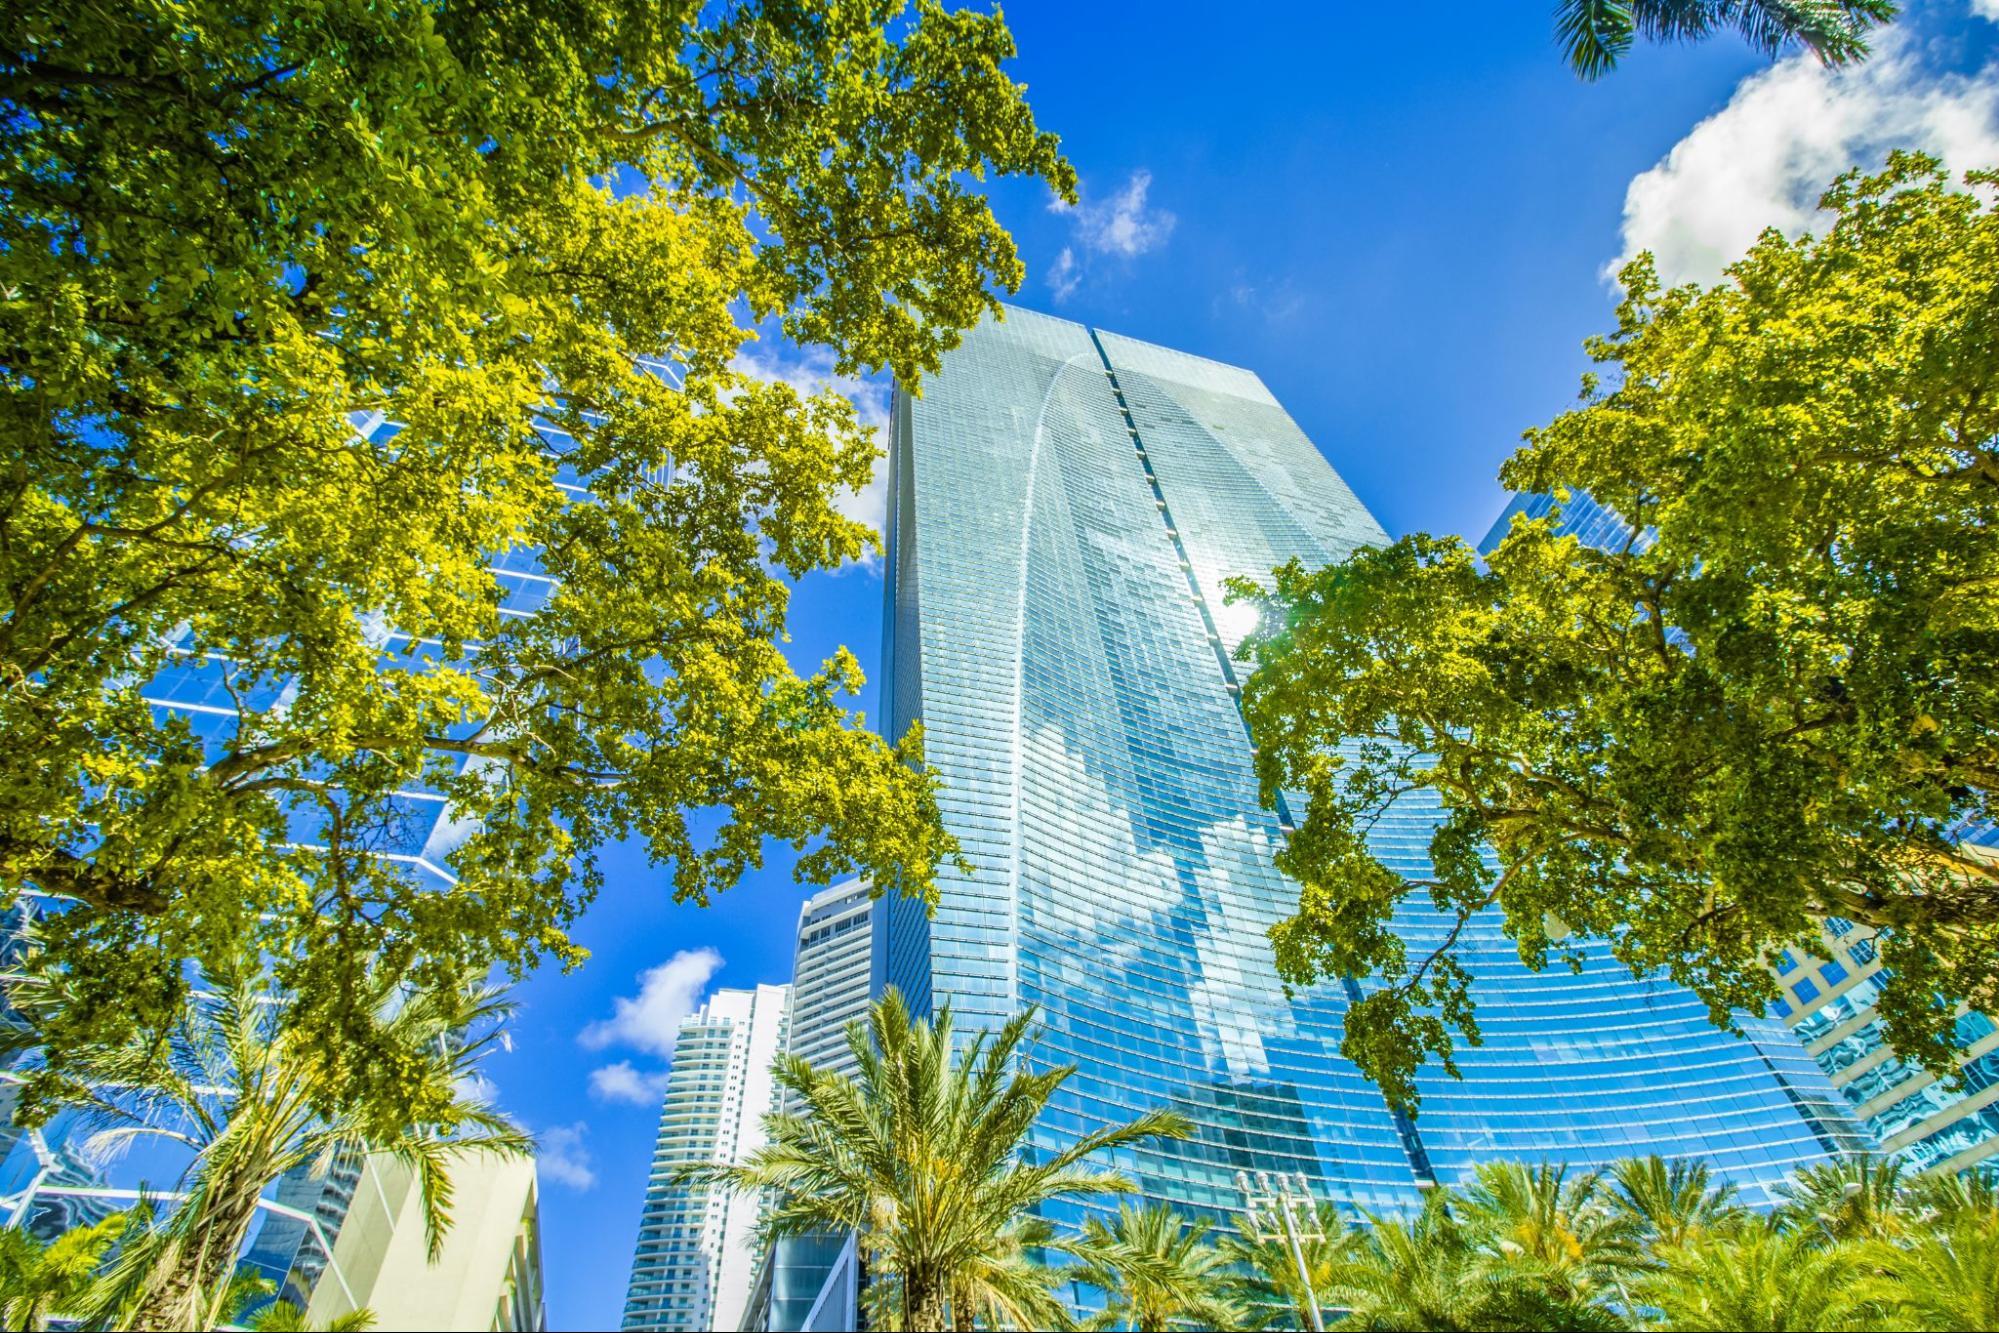 Downtown Miami skyscraper